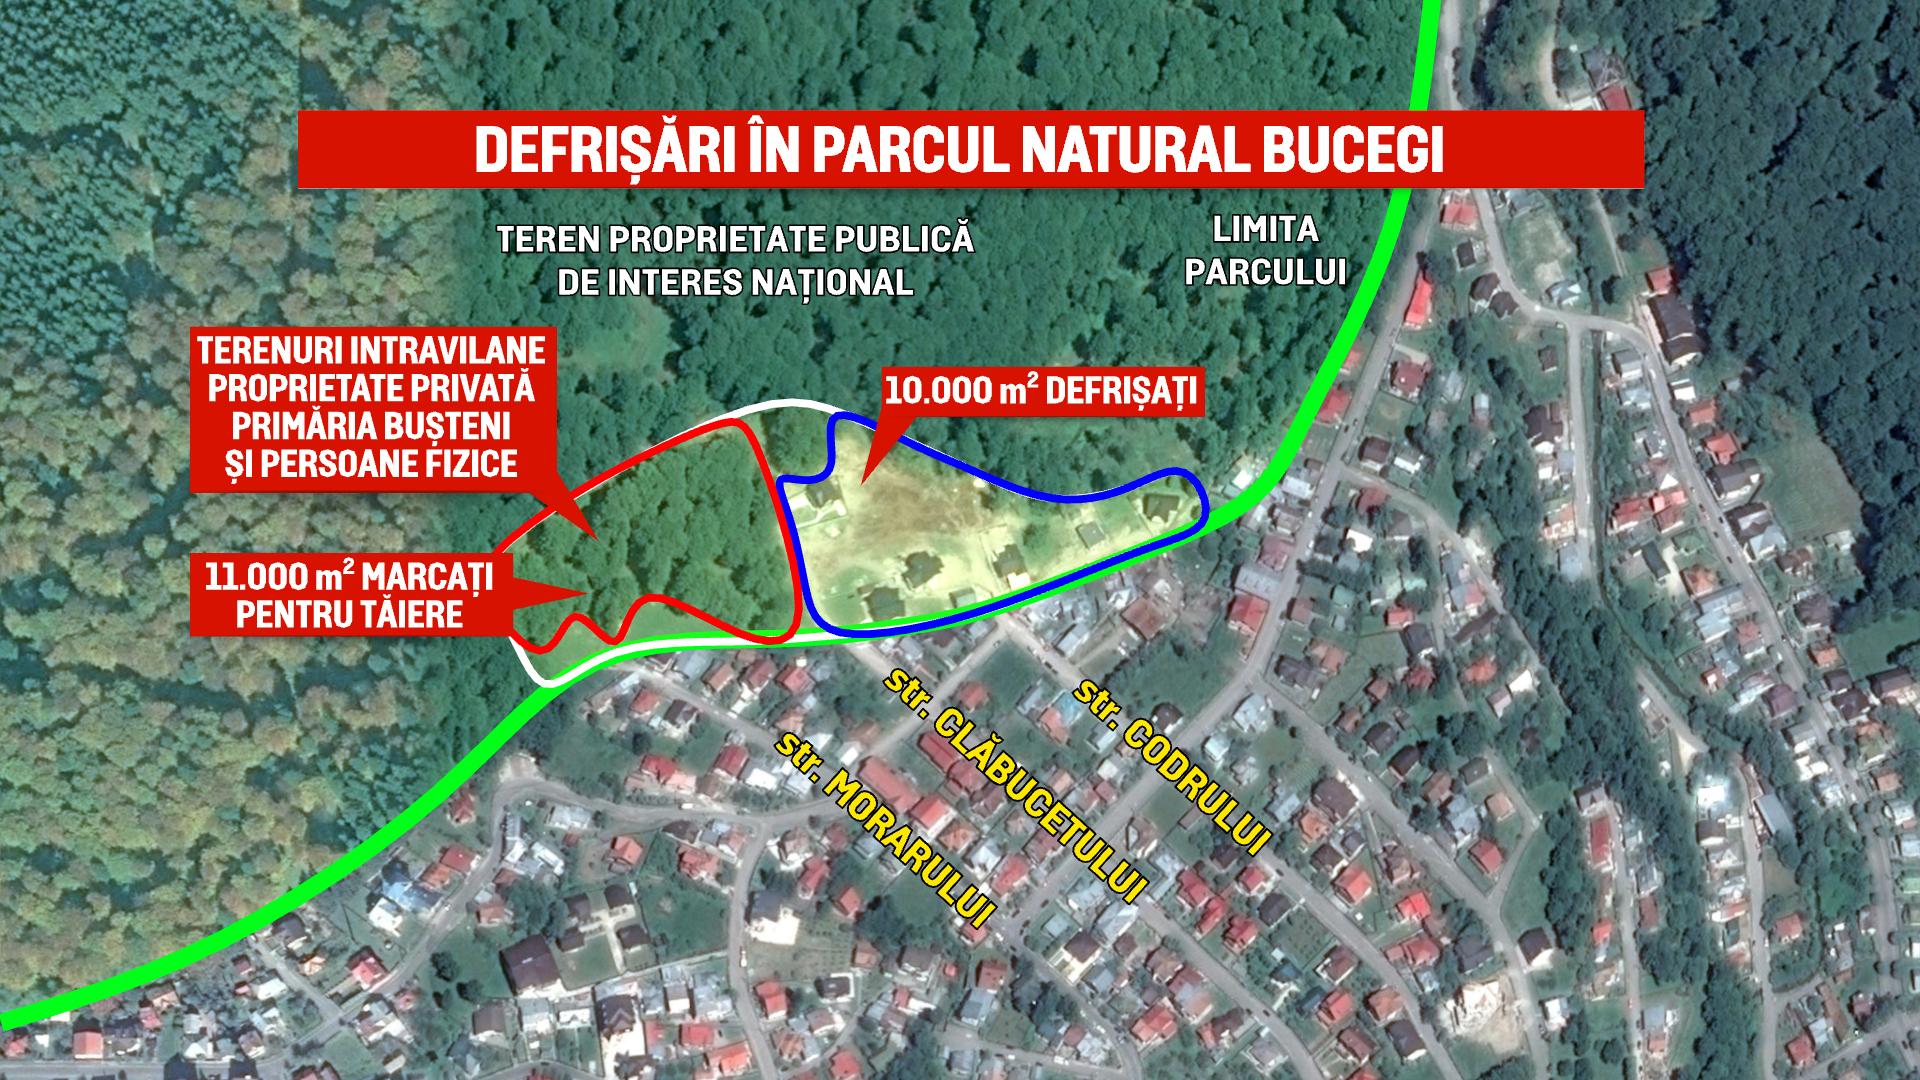 ROMÂNIA TE IUBESC: BUCEGI – INTRAVILAN 25 octombrie 2015 PRO TV